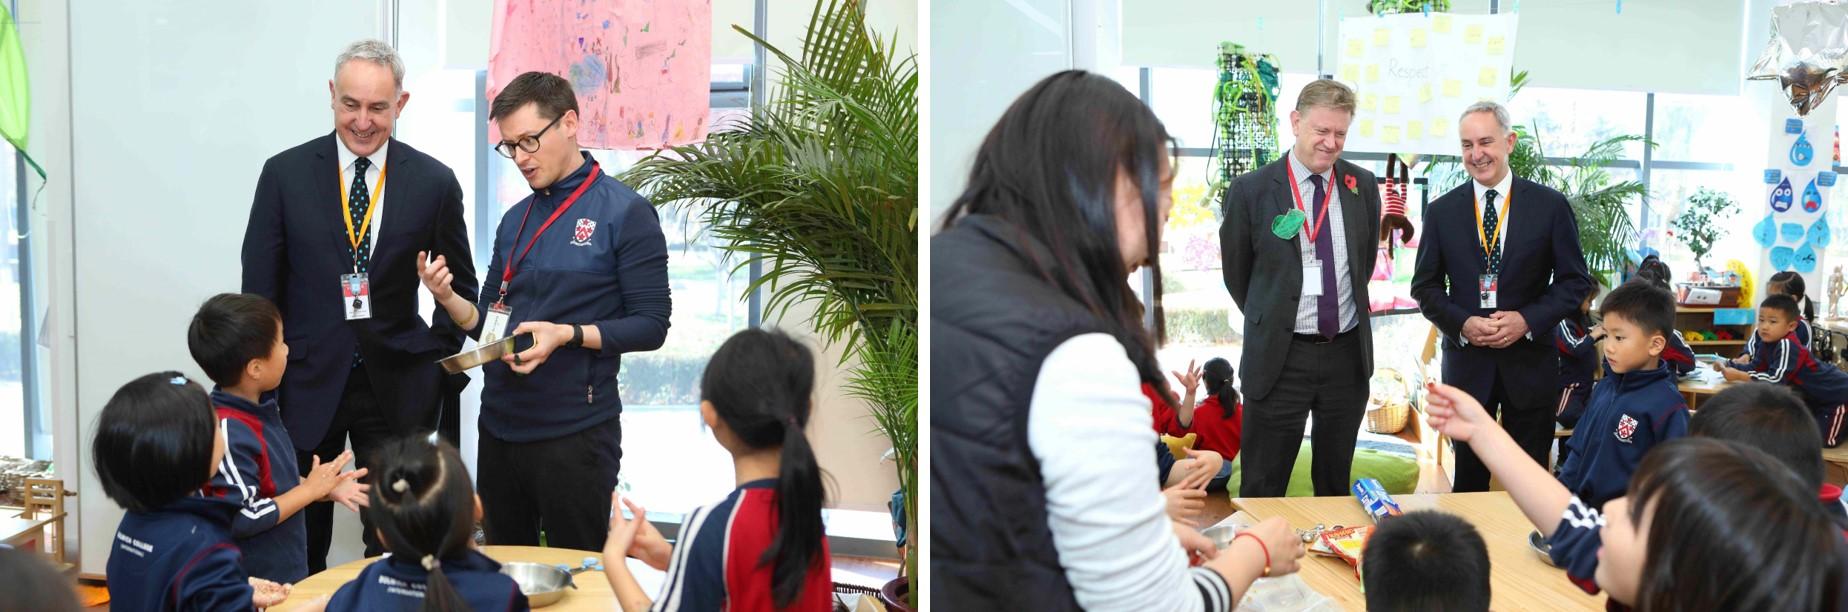 安德鲁·麦卡利与北京德威师生